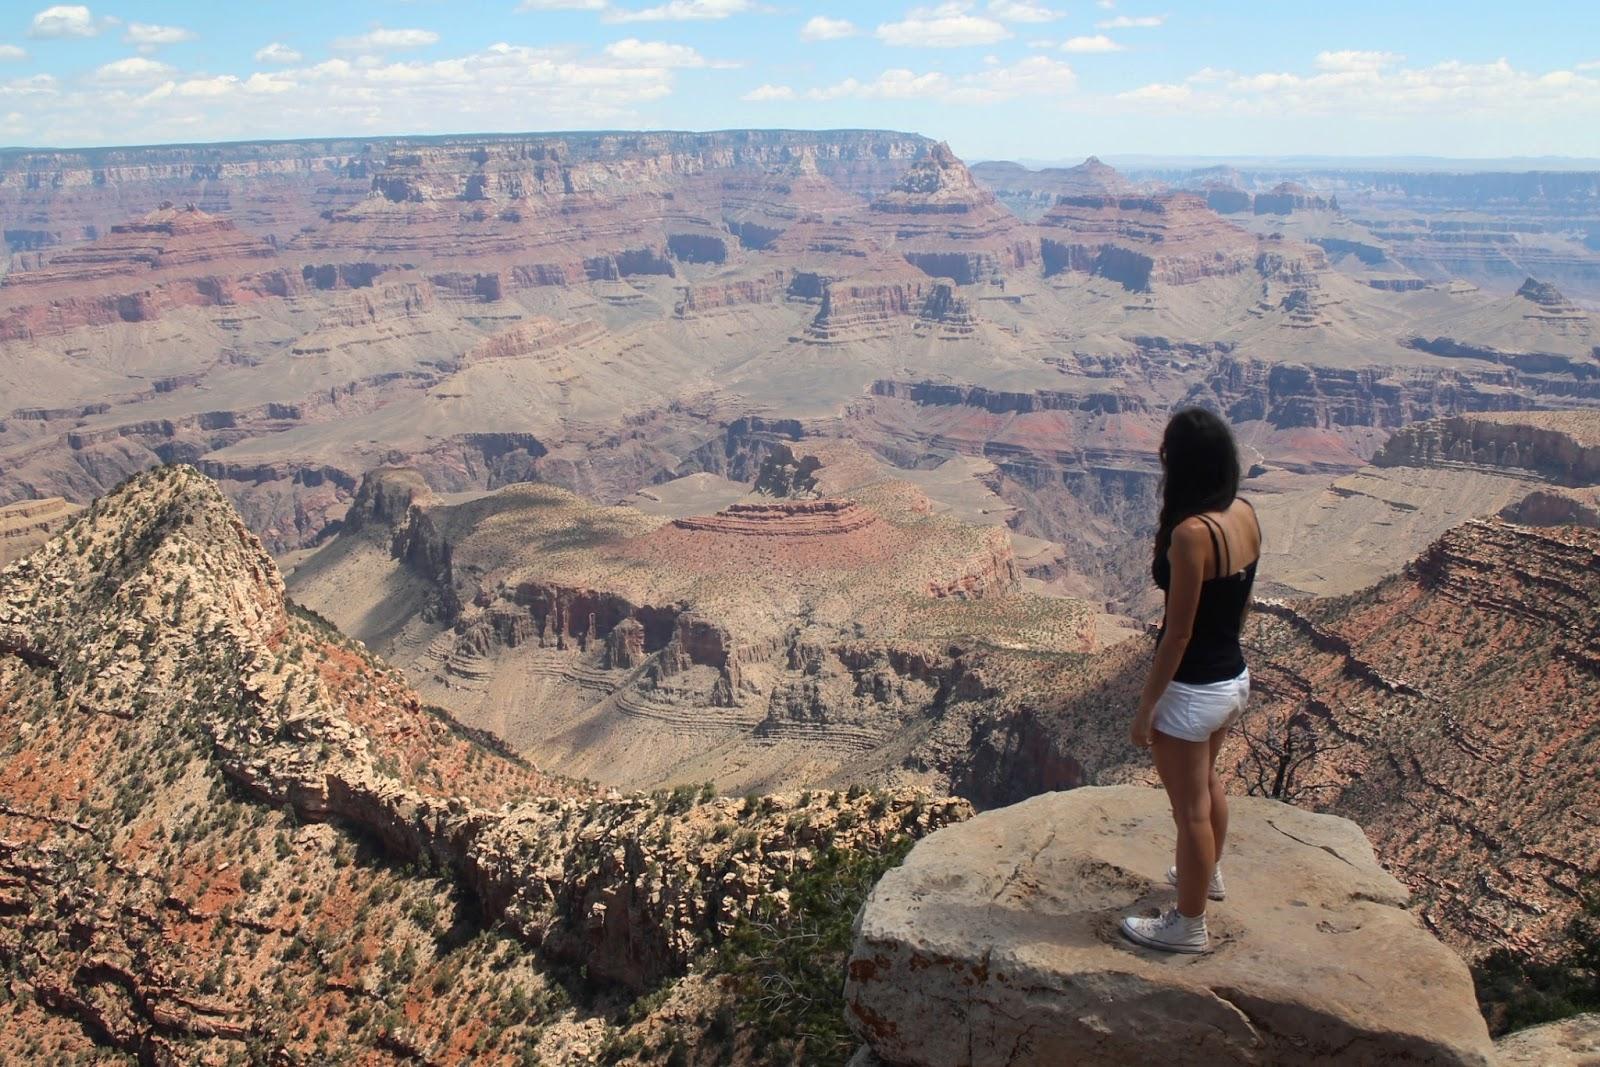 Il Grand Canyon potrà mai deludere le aspettative di un viaggiatore?